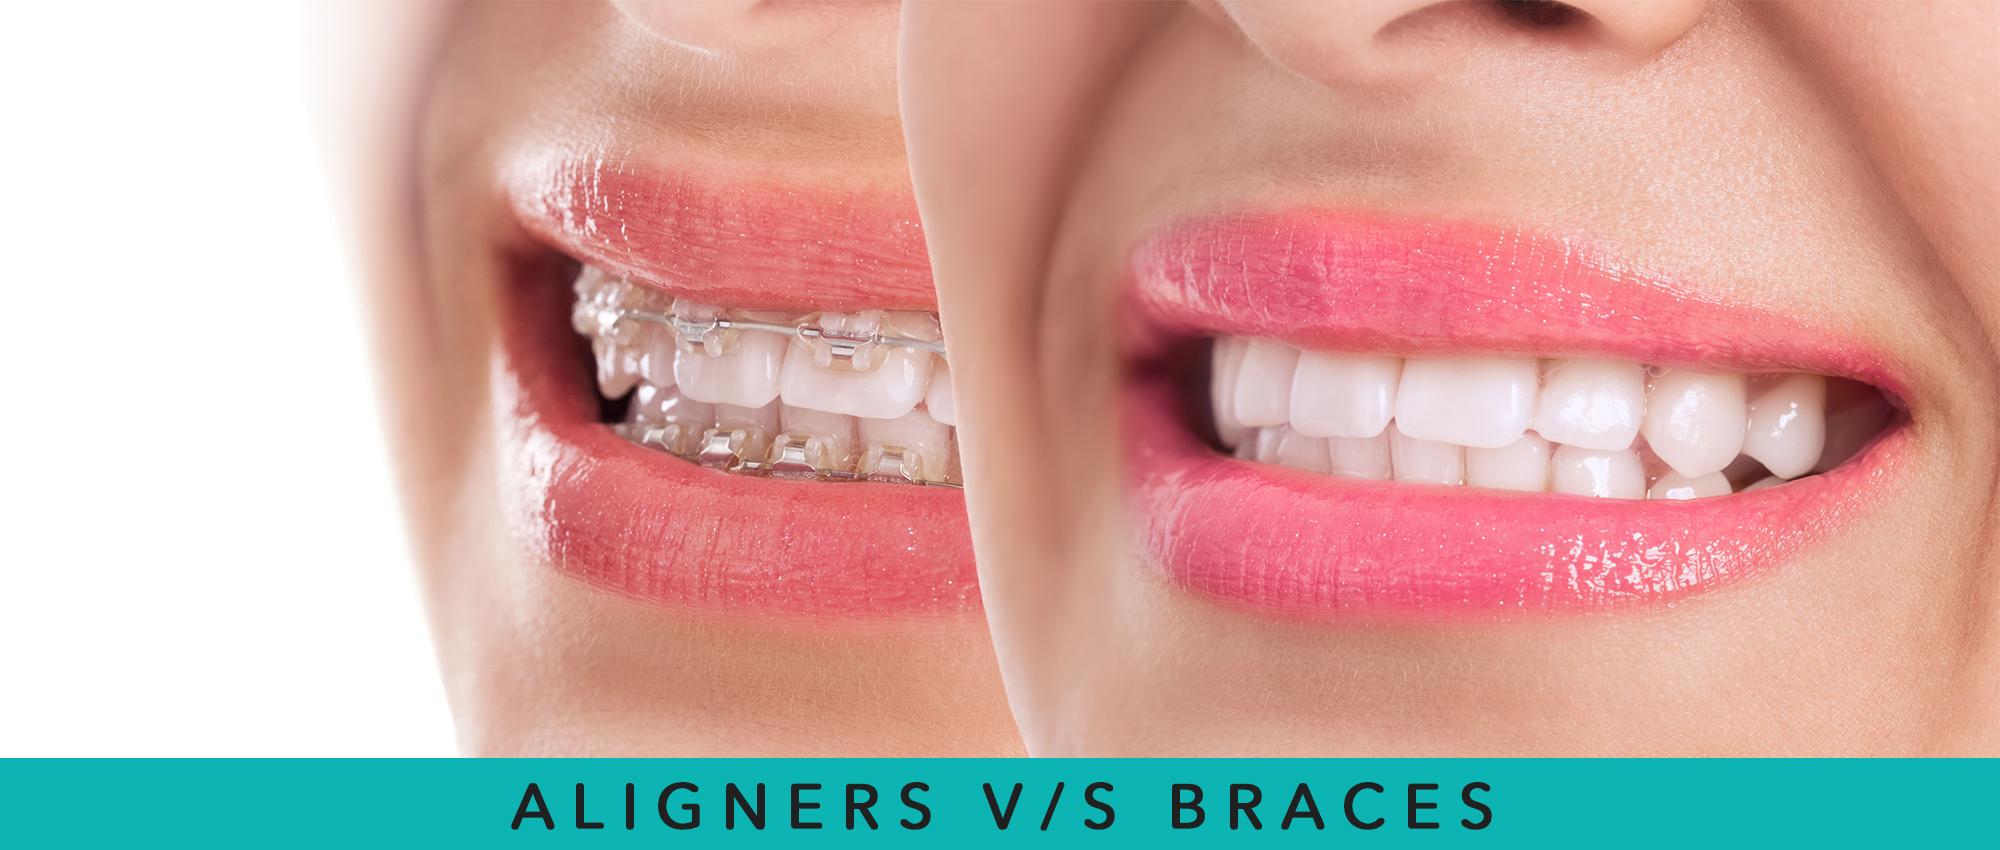 Alignwise Aligner v/s Braces